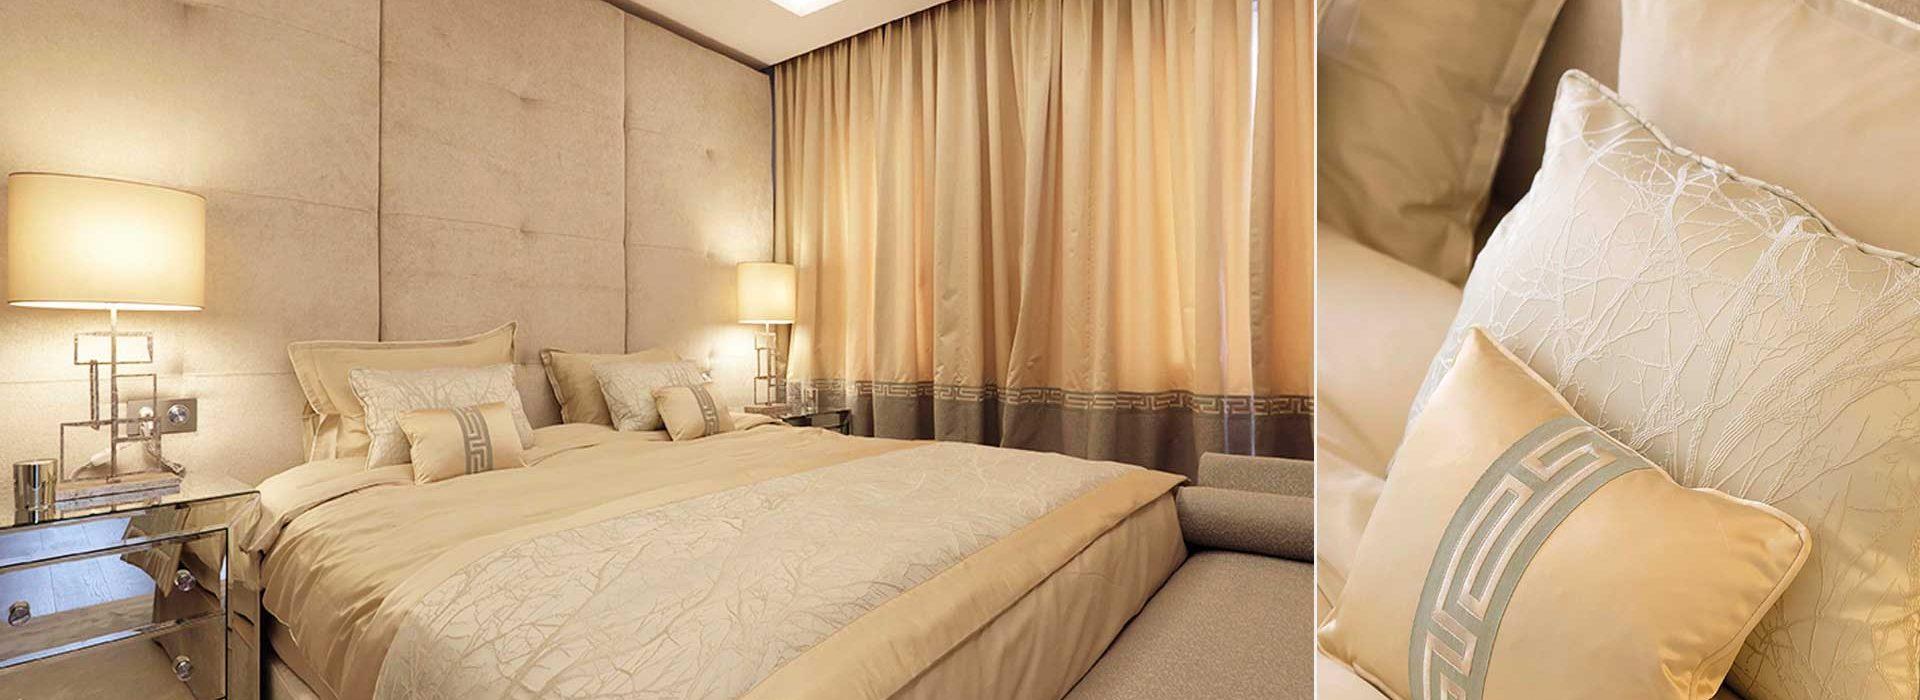 MADRID-RESIDENTIAL-APARTMENT-07-Dome-interior-design-Geneve-Suisse